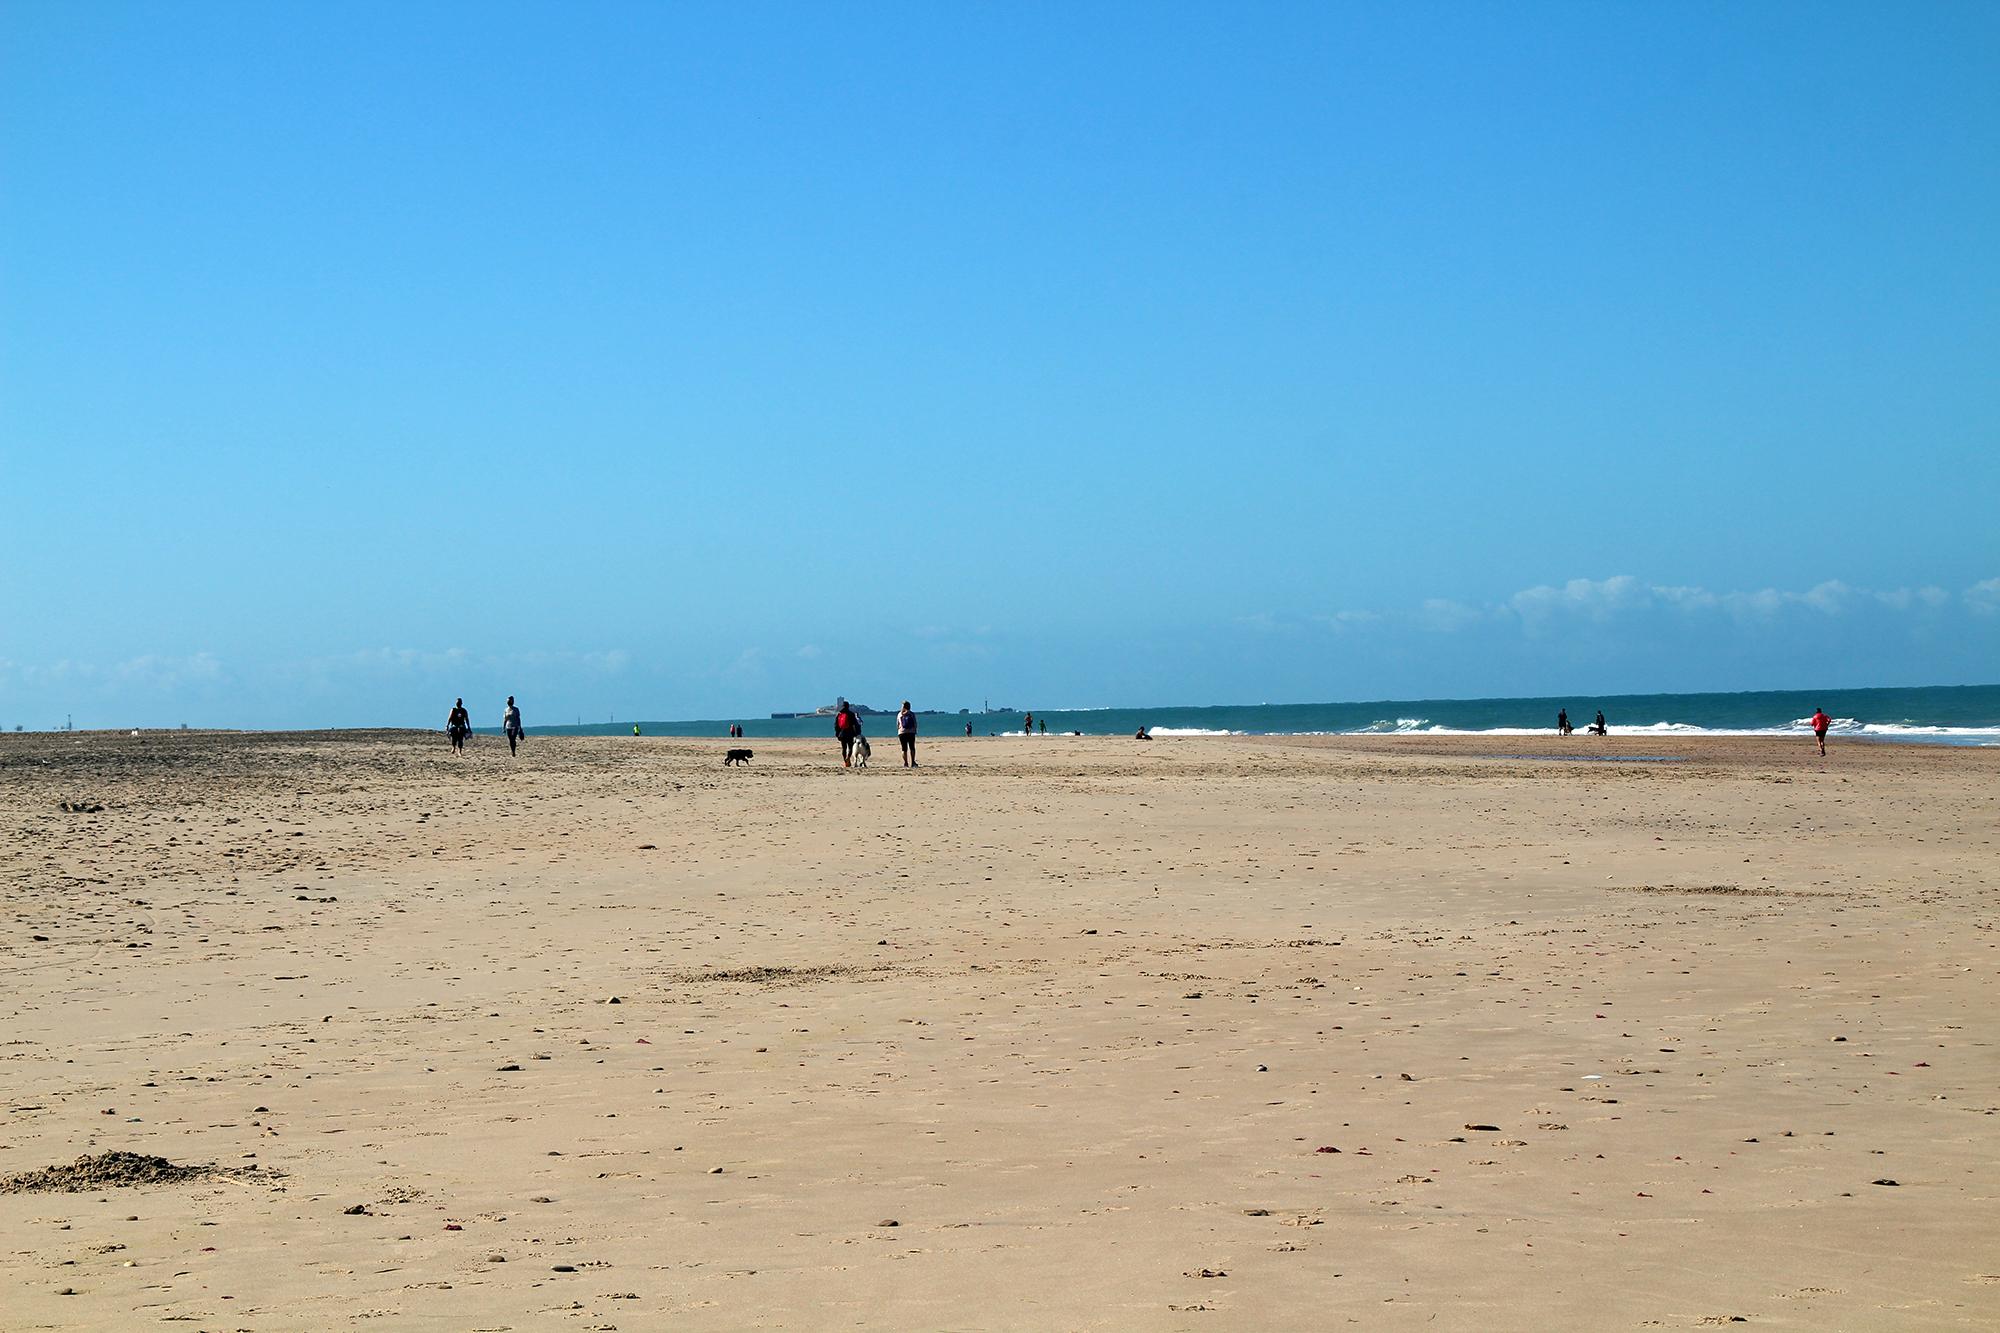 La playa de Camposoto obtiene una Bandera Azul